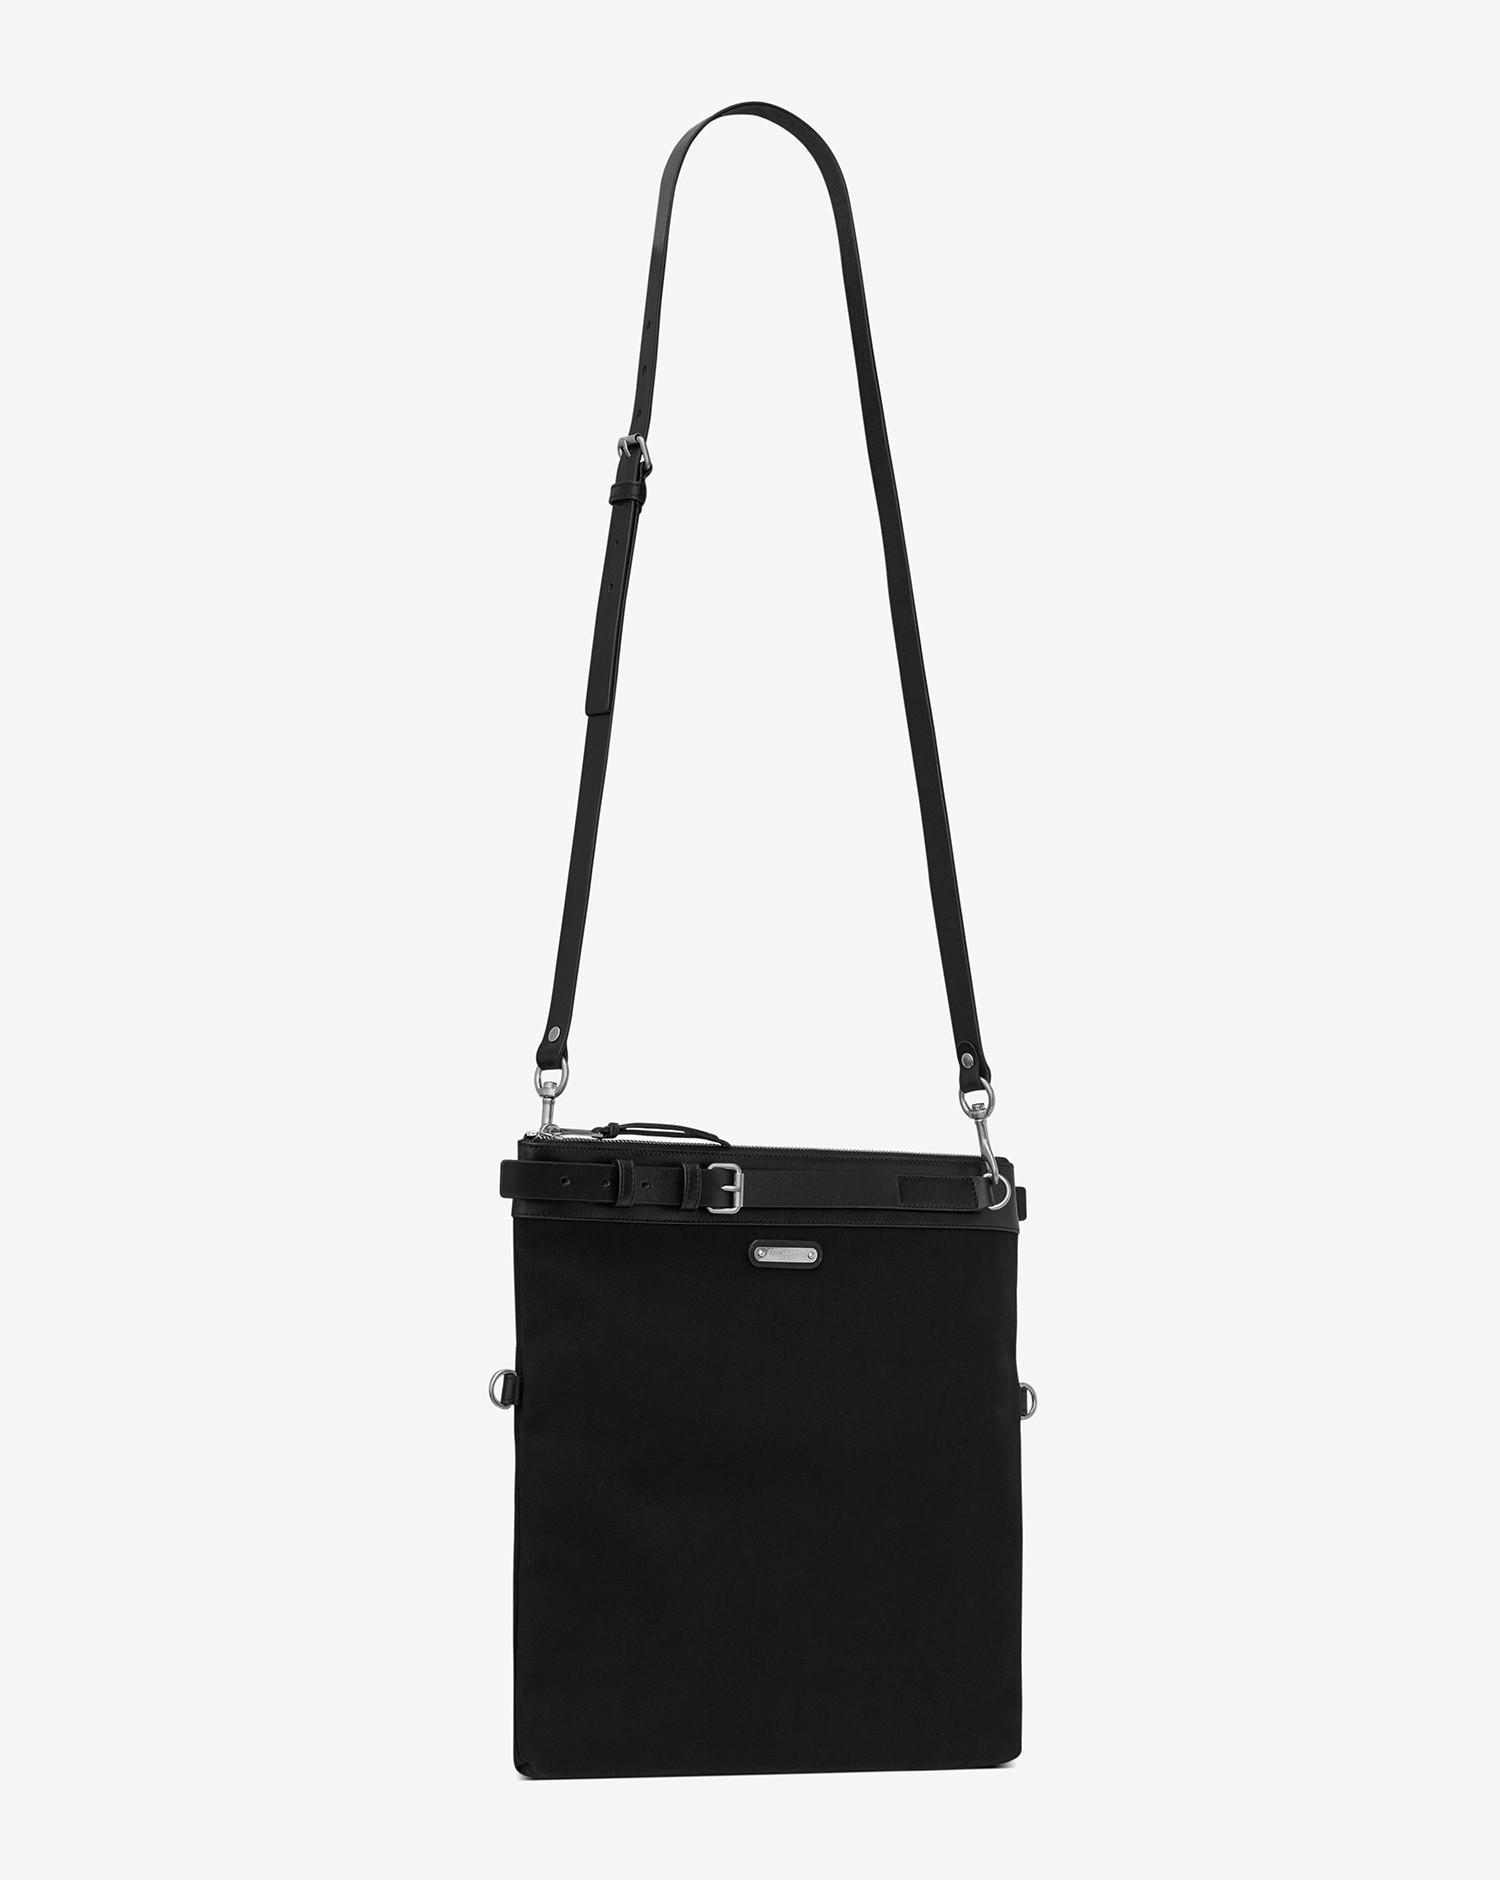 d3585b6195da Lyst - Saint Laurent Messenger And Crossbody in Black for Men